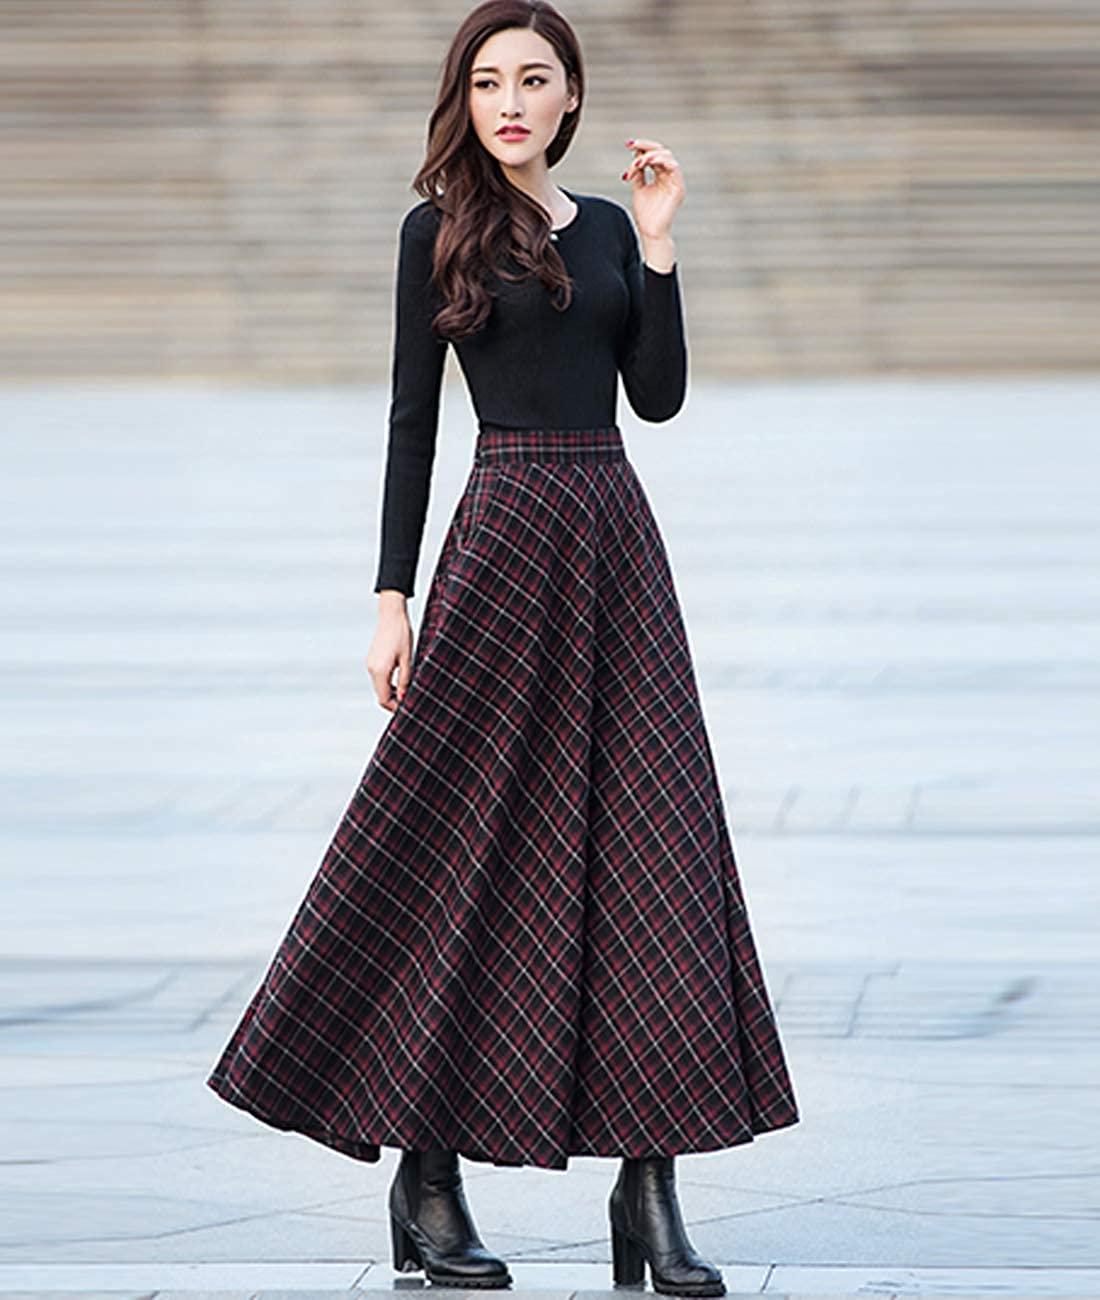 Femirah Women's High Waist A-line Flared Skater Long Skirt Woolen Pleated Skirt